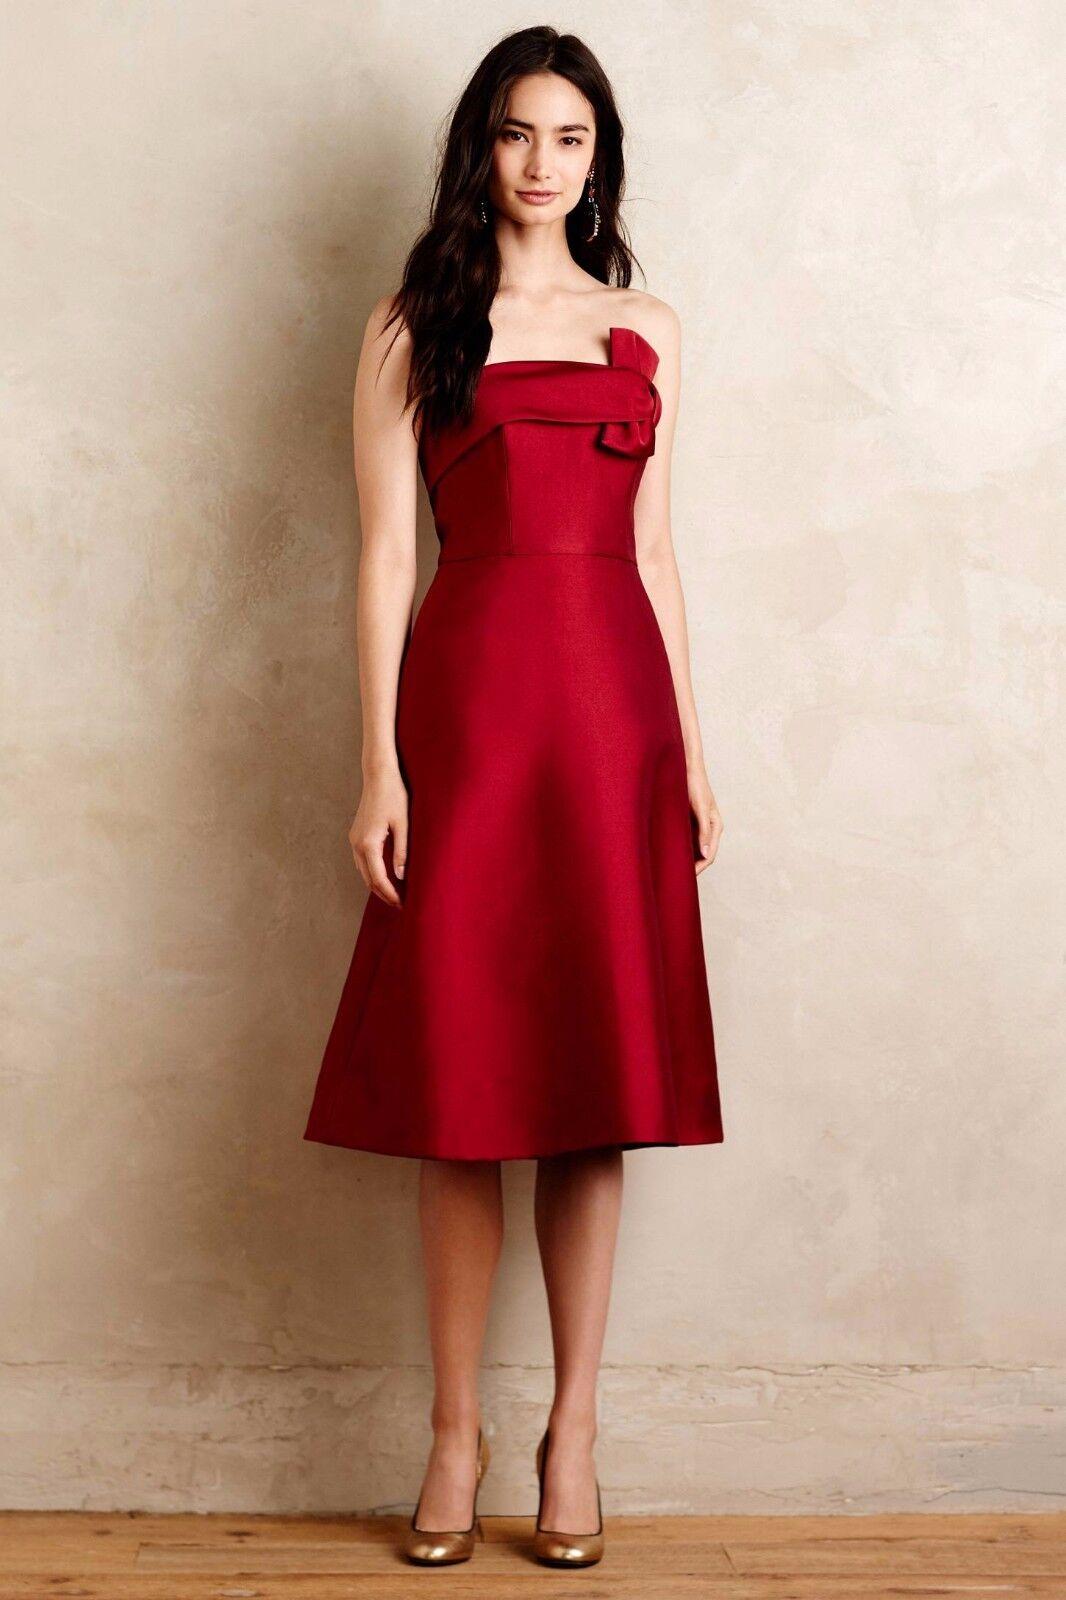 Neuf avec étiquettes Erin Fetherston Kacravate soyeux Twill Bow sans bretelles une ligne jupe robe 0 XS